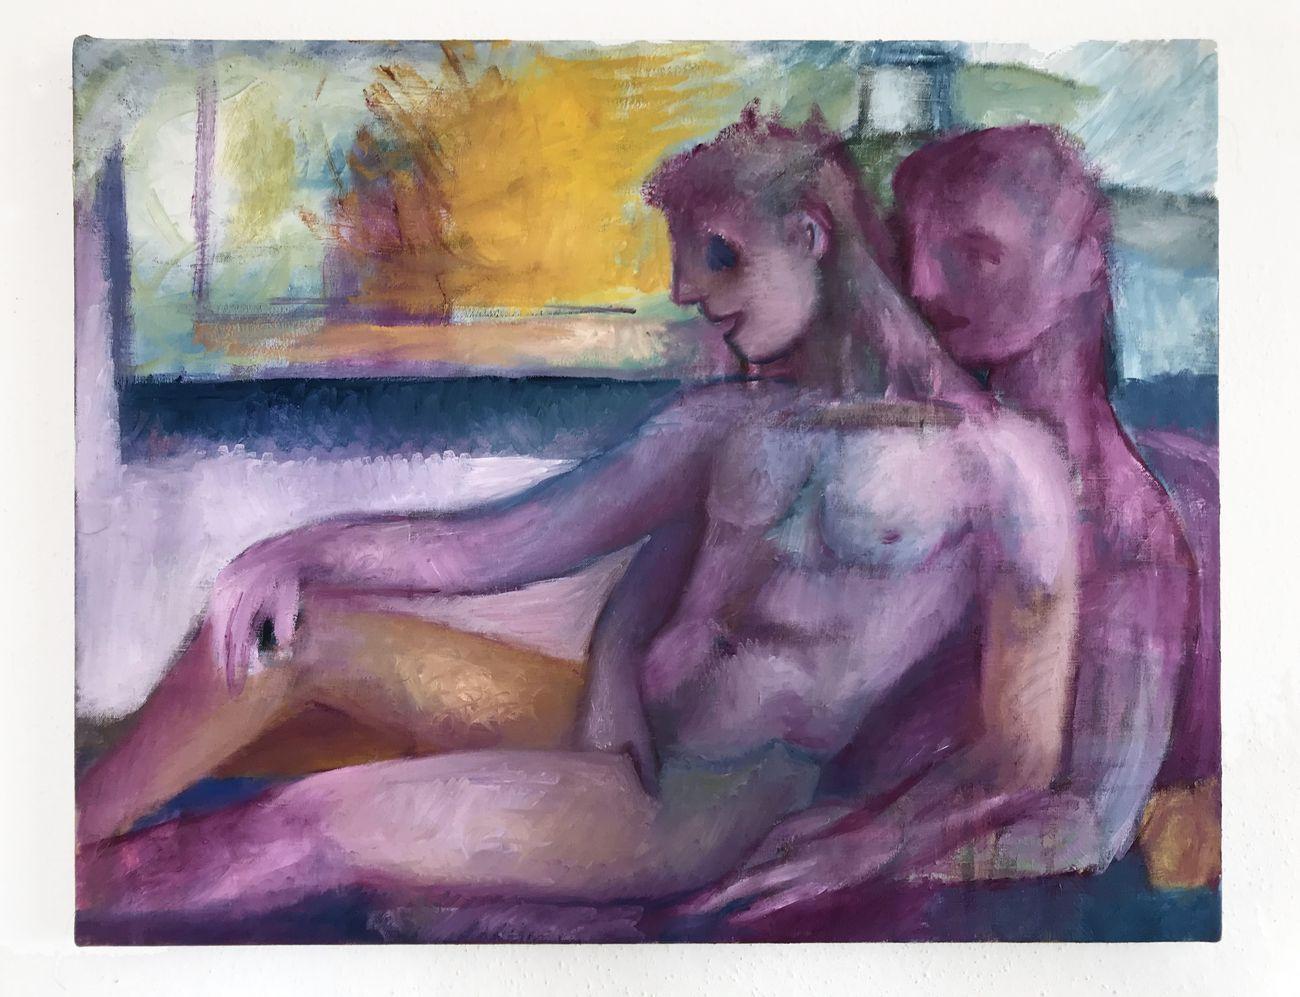 Giovanni Copelli, Amanti, 2020, olio su lino grezzo, cm 30x40